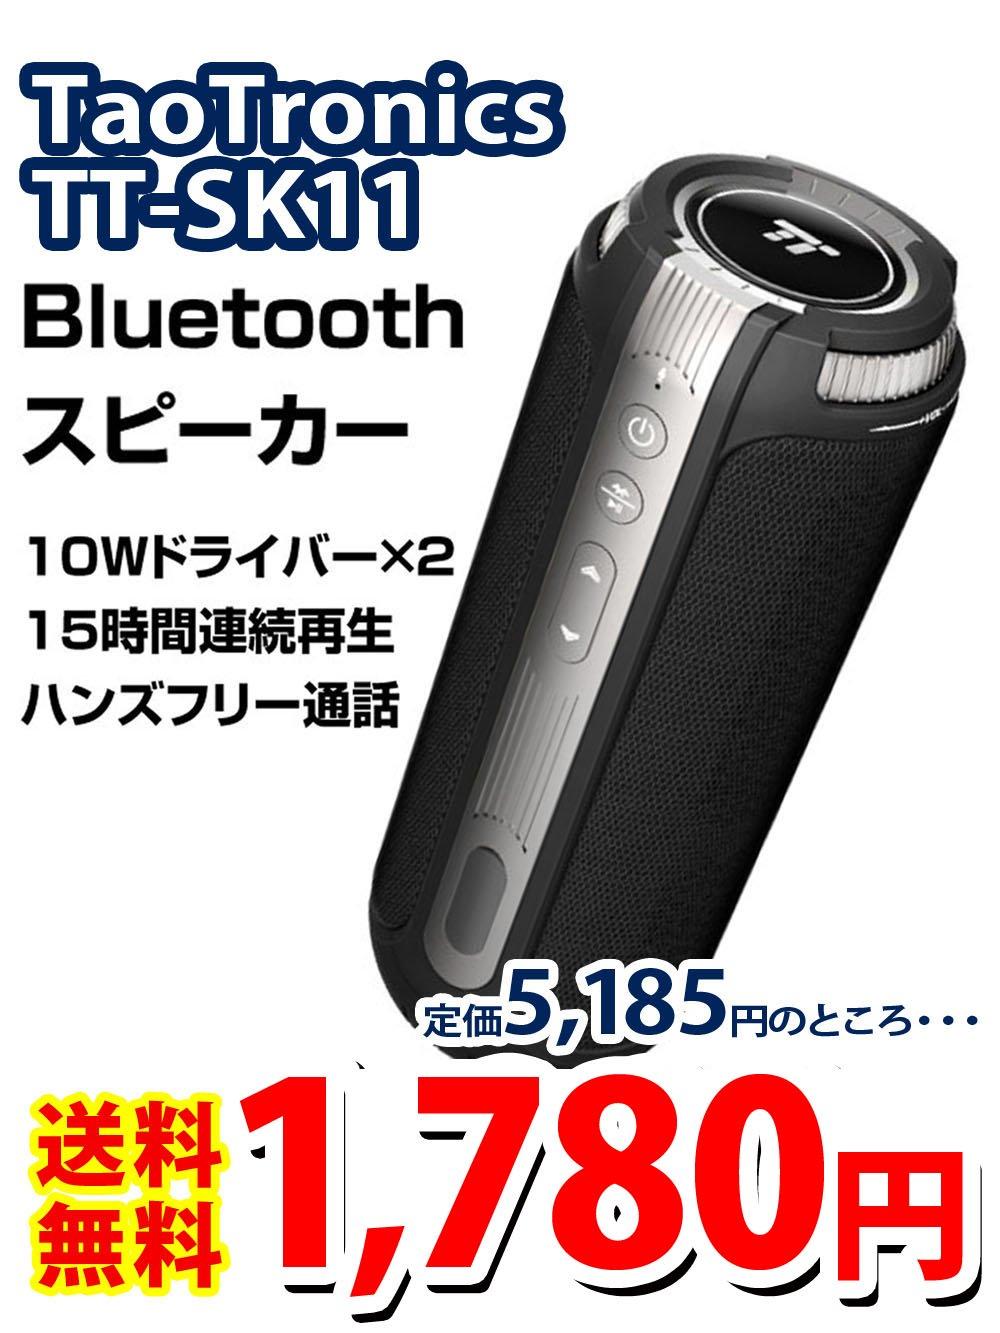 【送料無料】BluetoothサラウンドスピーカーTaotronics TT-SK11【1980円】定価5185円